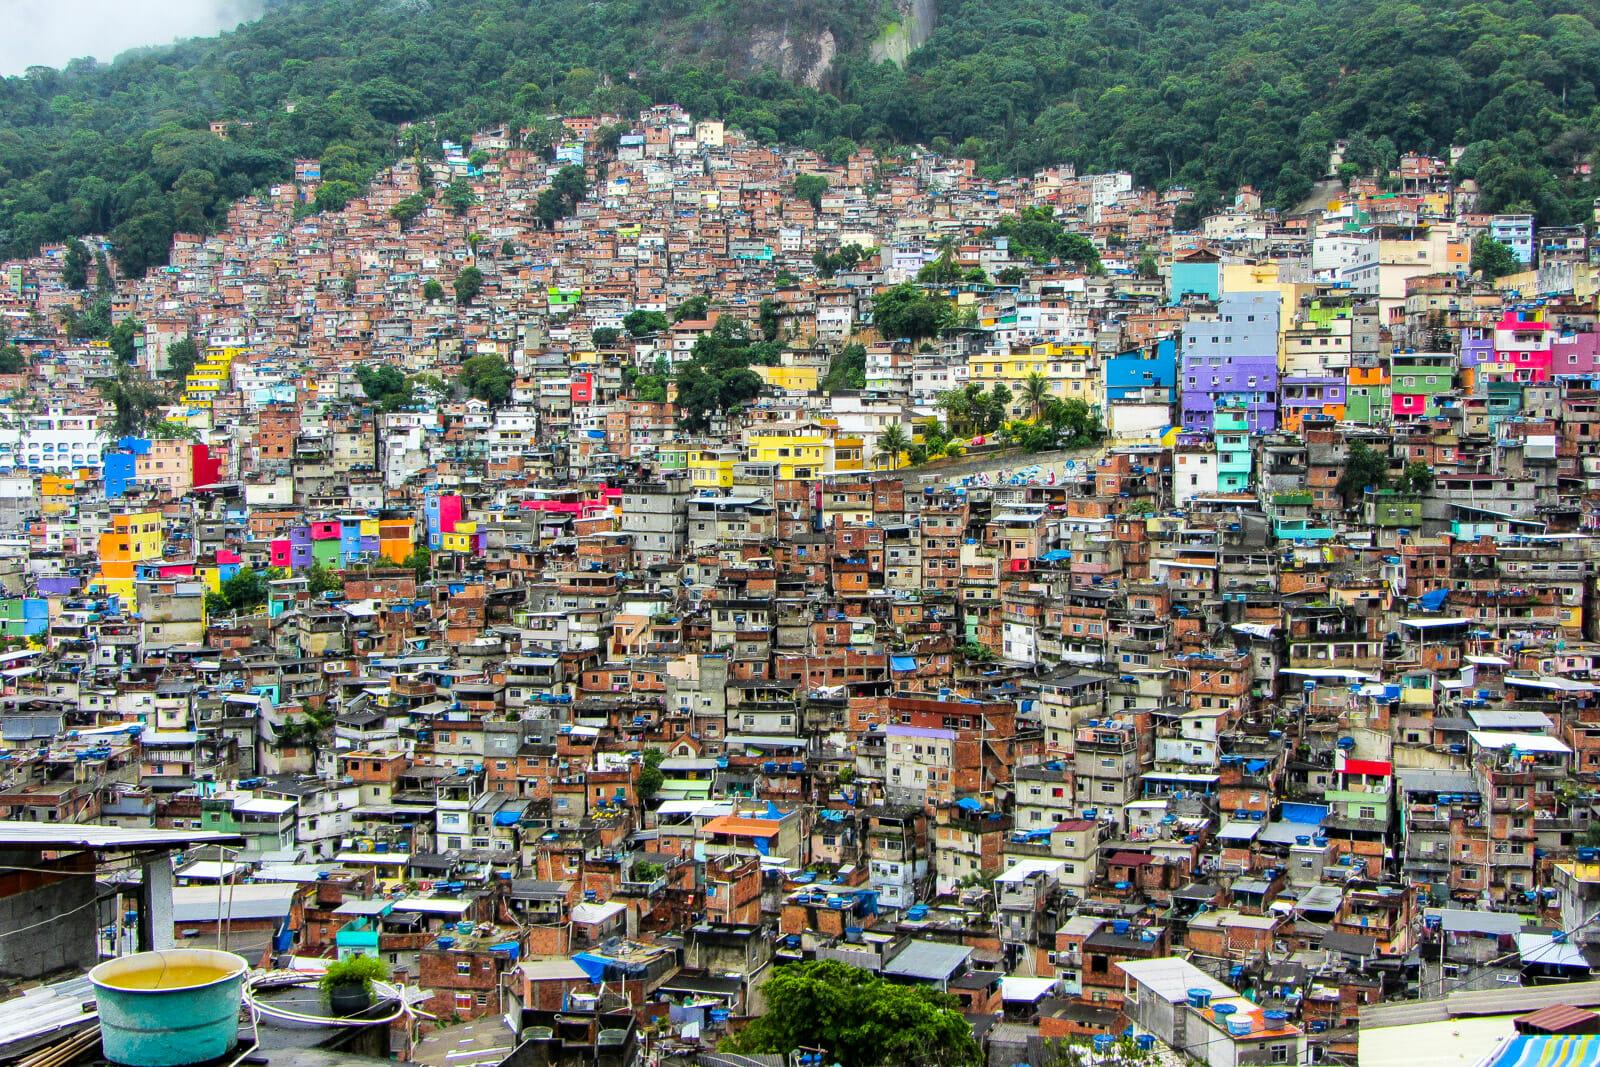 The favela tour of Rio de Janerio